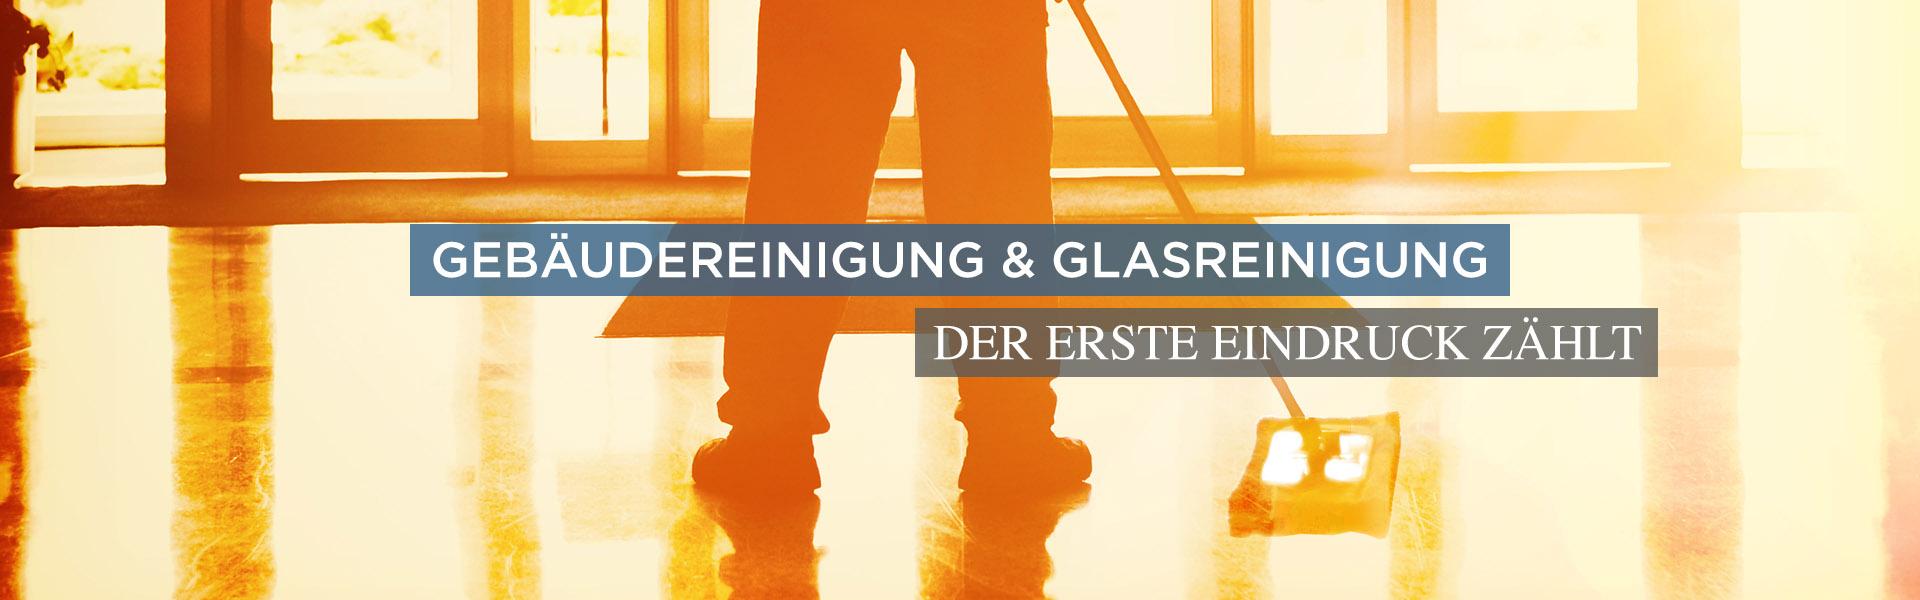 hausservice-eggert-berlin-slider-4a